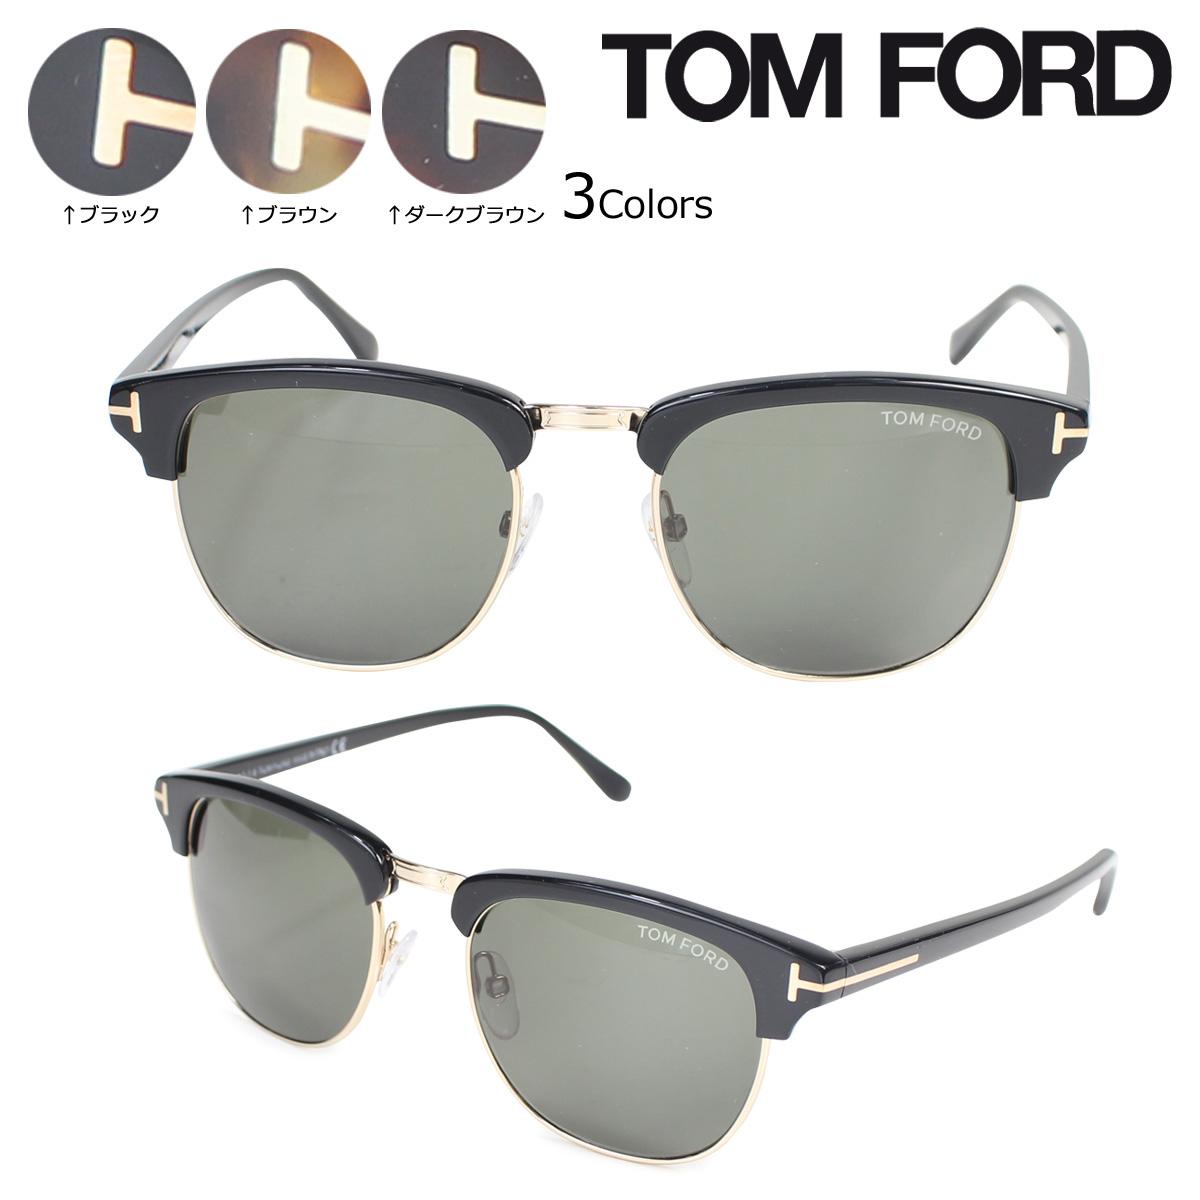 送料無料 あす楽対応 トムフォード TOM FORD 卸直営 メガネ レビューを書けば送料当店負担 アイウェア 眼鏡 FT0248 メンズ レディース HENRY サングラス 3カラー SUNGLASSES